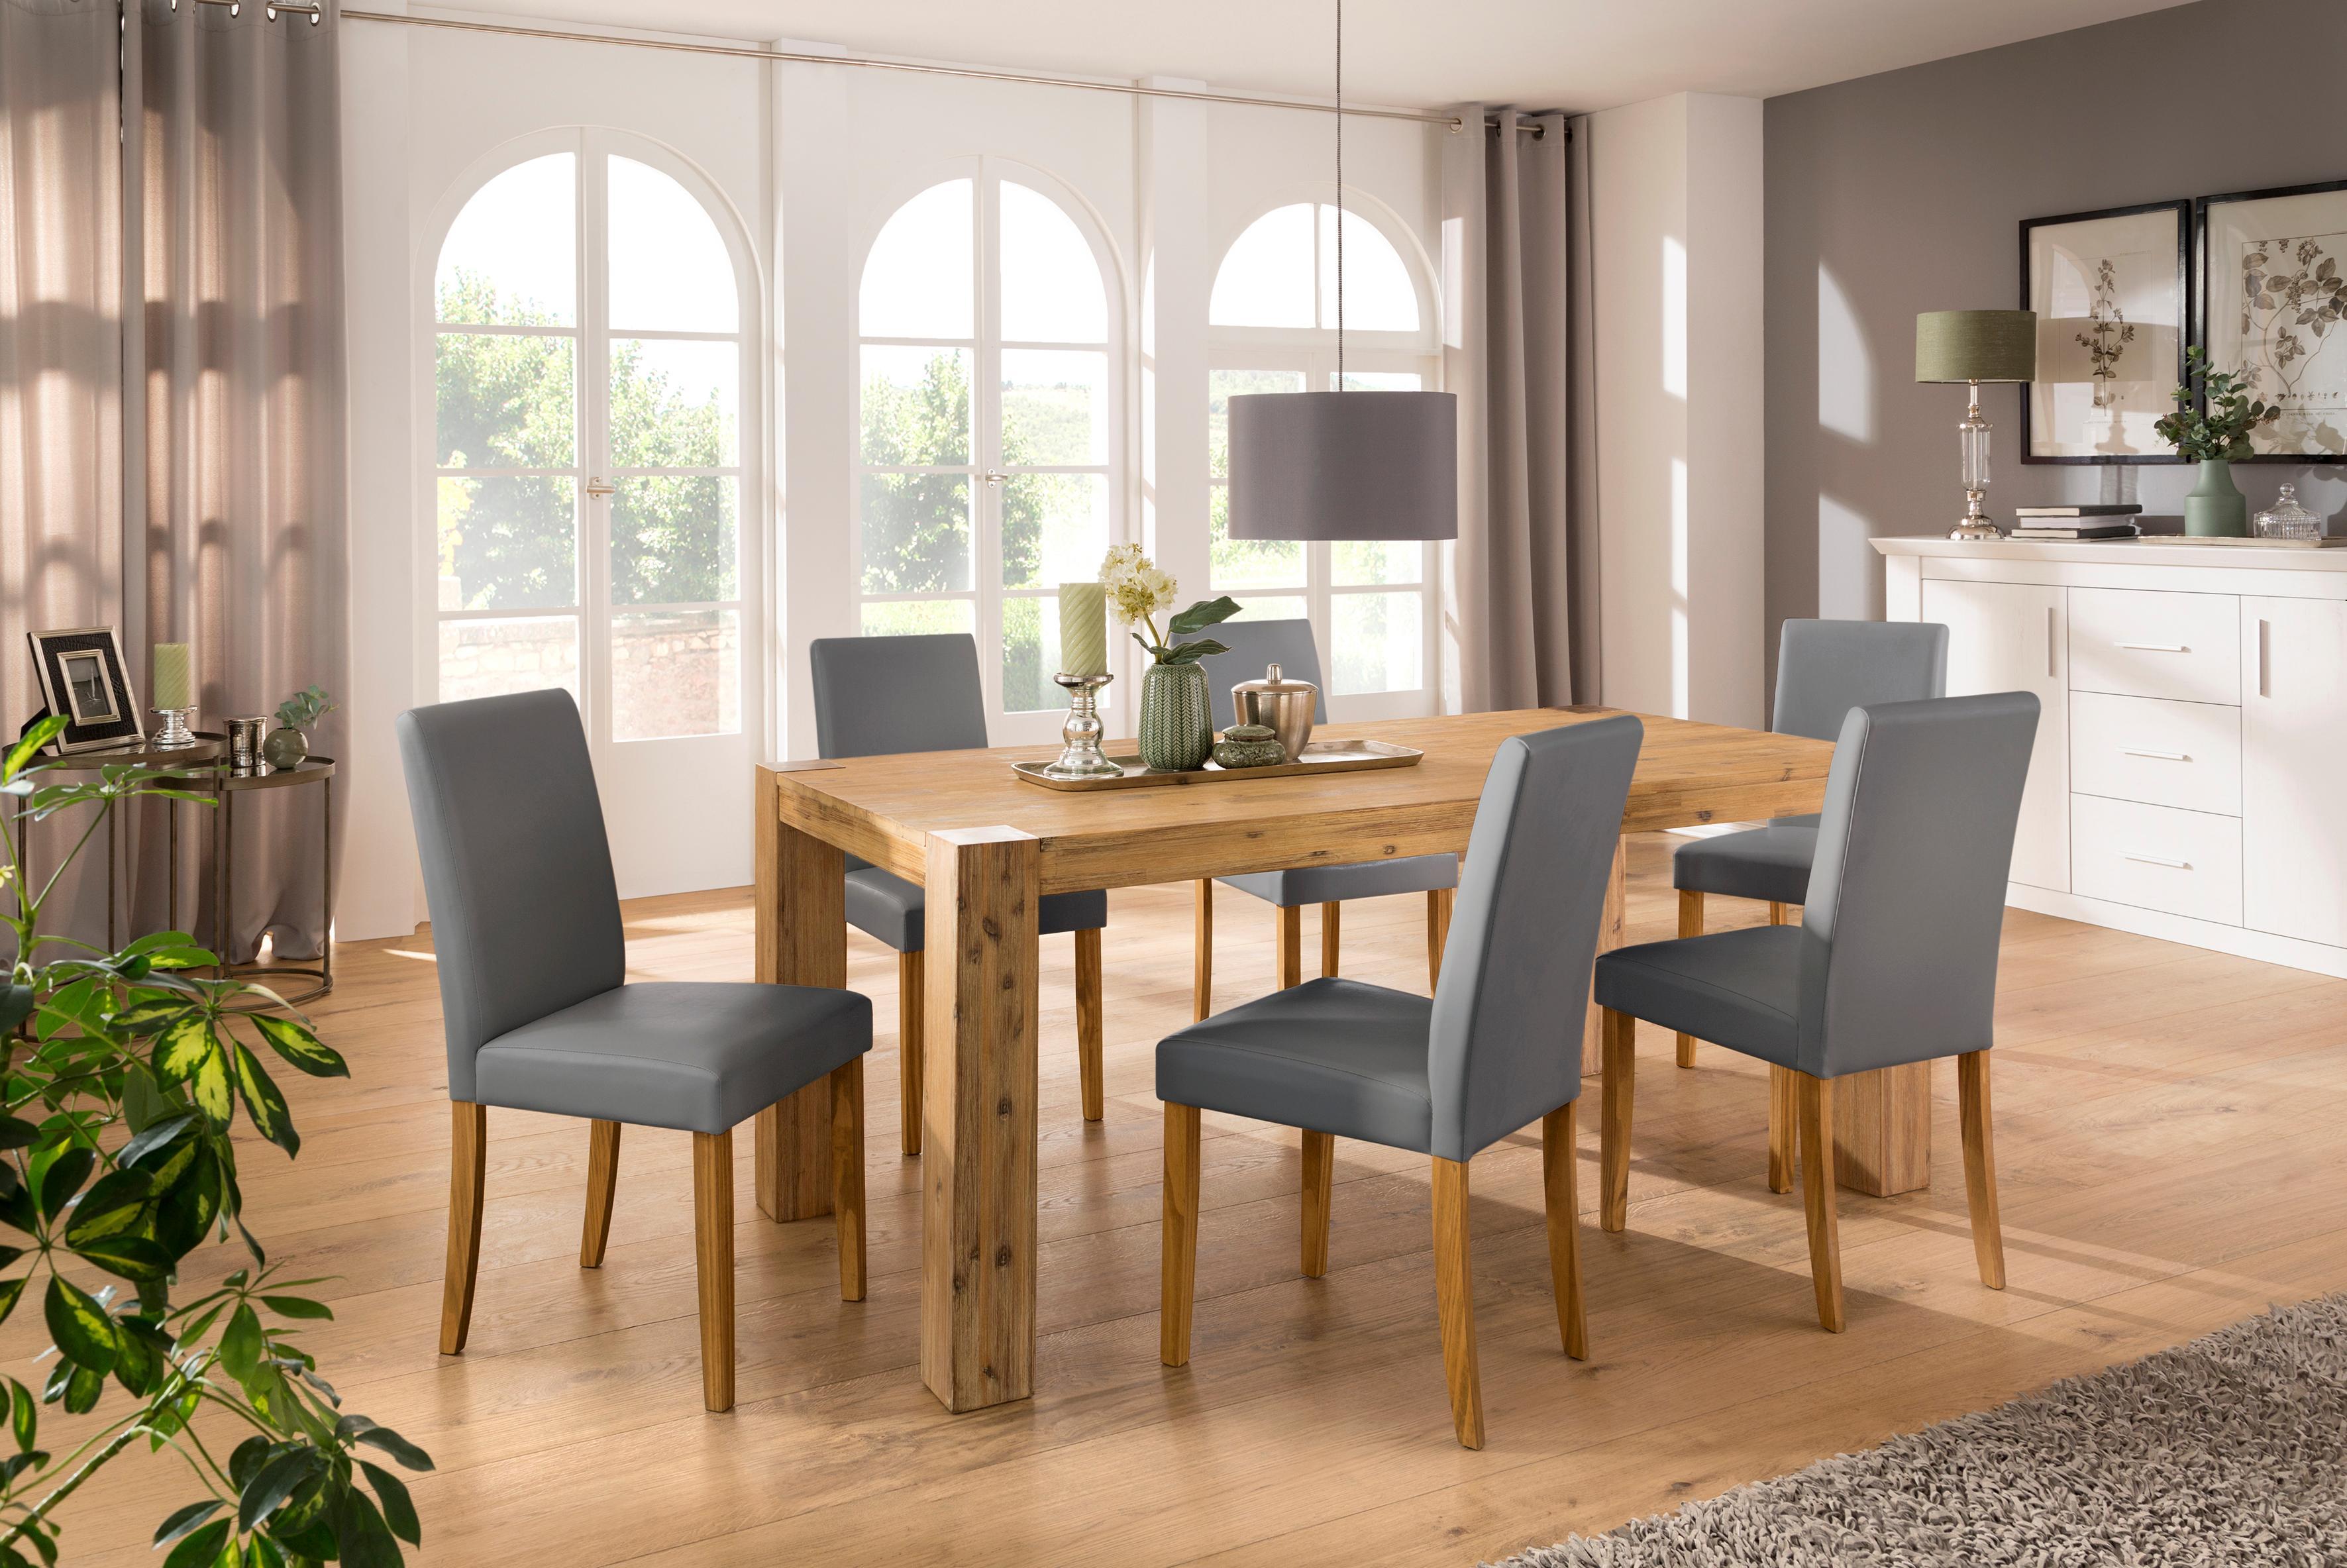 hoelzer Esszimmerstühle online kaufen | Möbel-Suchmaschine ...